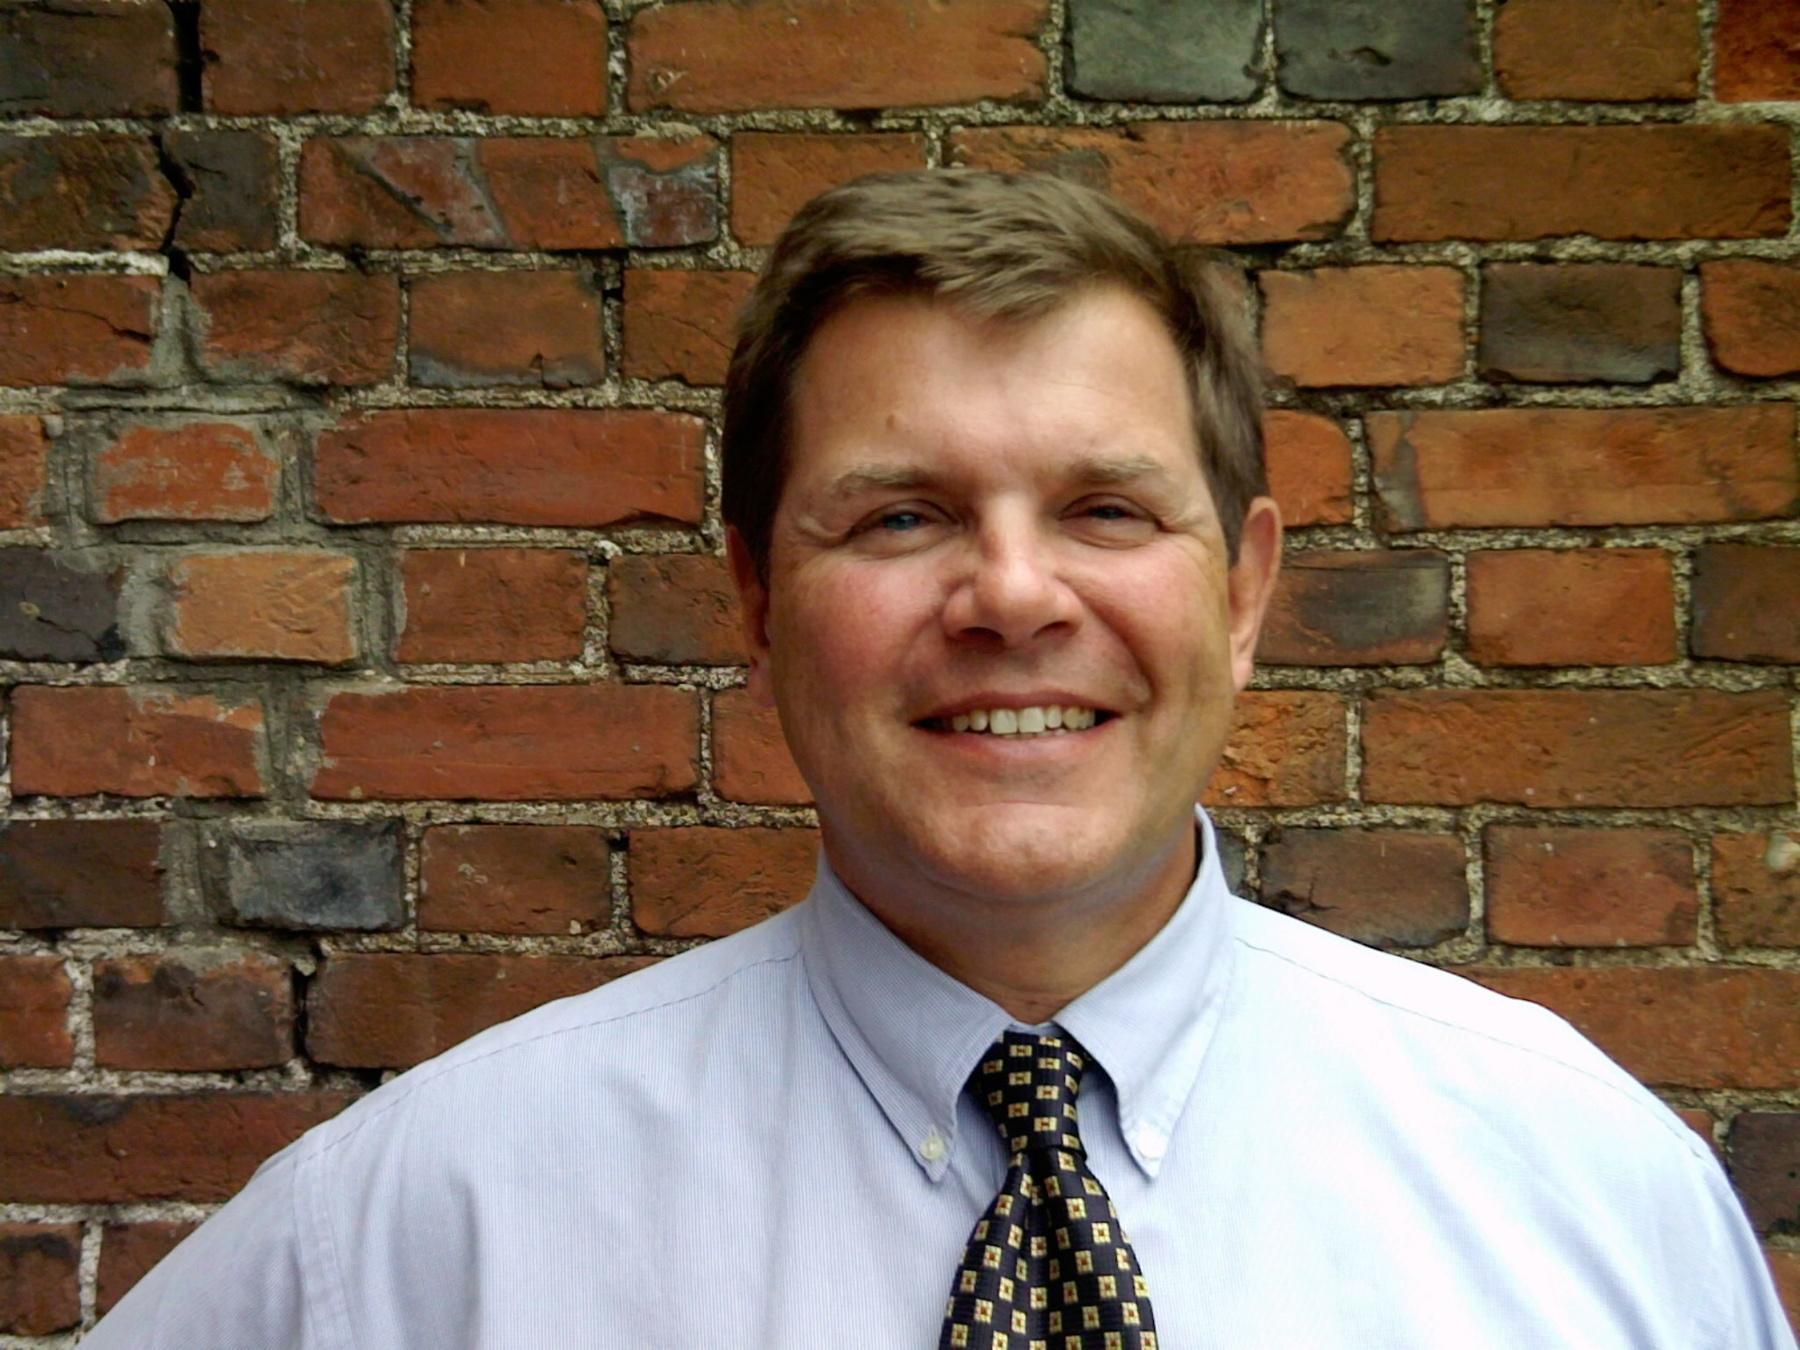 Peter tschernitz